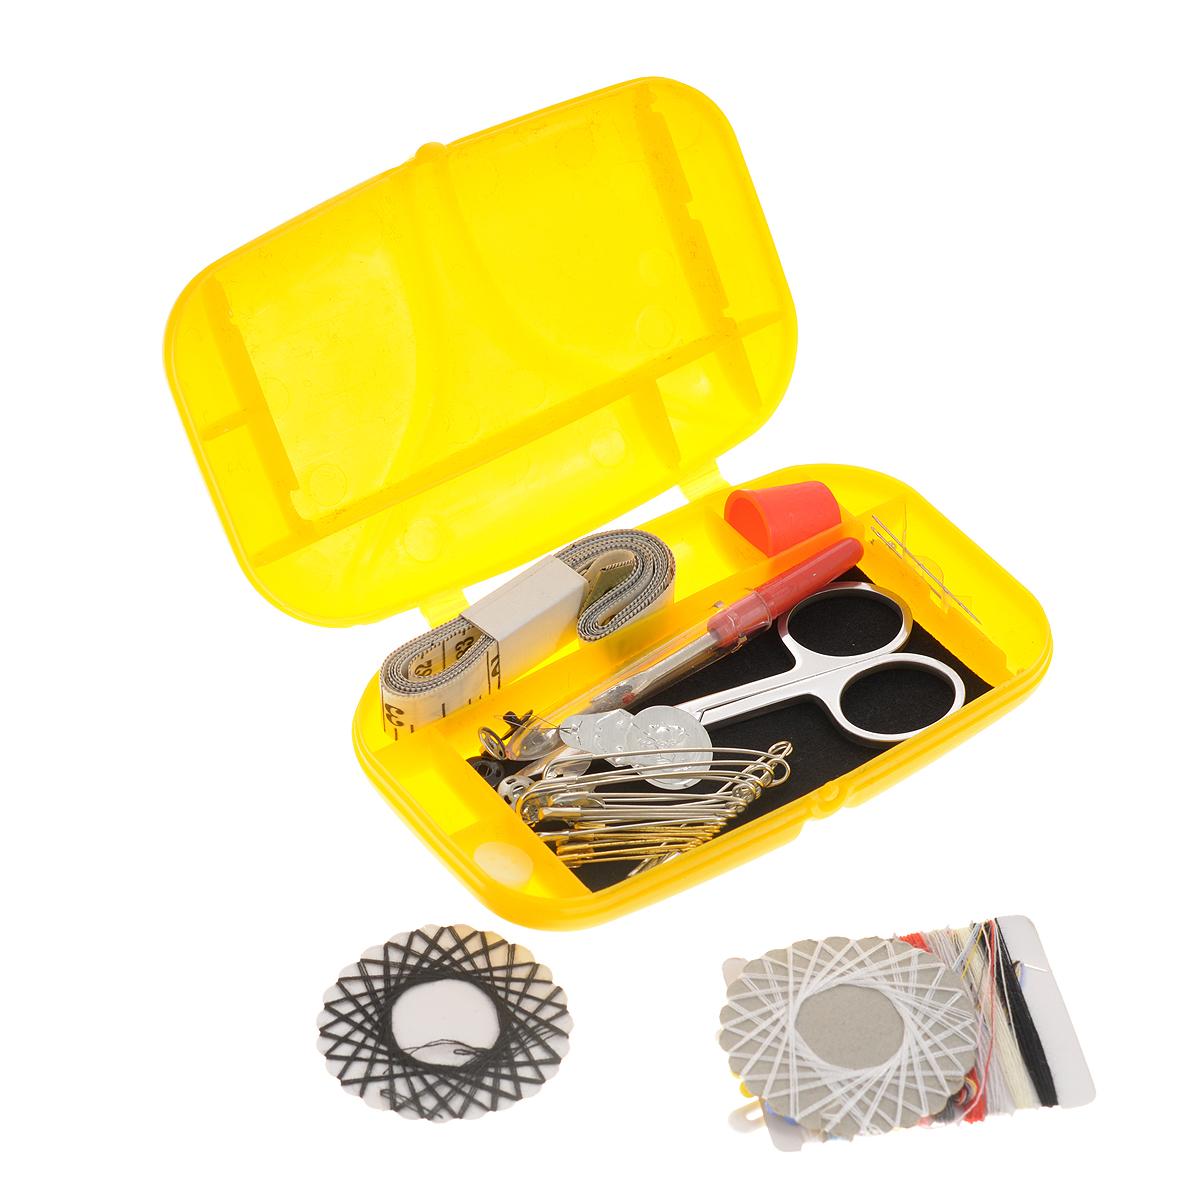 Швейный набор Prym, для путешествий и домашнего хозяйства, цвет: желтый651239_желтыйШвейный набор Prym состоит из пришивных кнопок, пуговиц для рубашки, трех игл для шитья, нитей разных цветов, булавок, нитевдевателя, английских булавок, ножниц, измерительной ленты, распарывателя швов, булавки для протягивания резинки, наперстка, ножниц. Предметы набора хранятся в пластиковом чехле. Этот компактный набор станет не заменимым помощником в путешествиях и командировках. Размер игл: №18-24. Размер ножниц: 8,5 см х 4,5 см х 0,3 см. Длина игл: 3,8 см; 3,4 см. Длина распарывателя: 6,5 см. Длина ленты: 1,5 м. Размер чехла: 13 см х 8 см х 2,5 см.